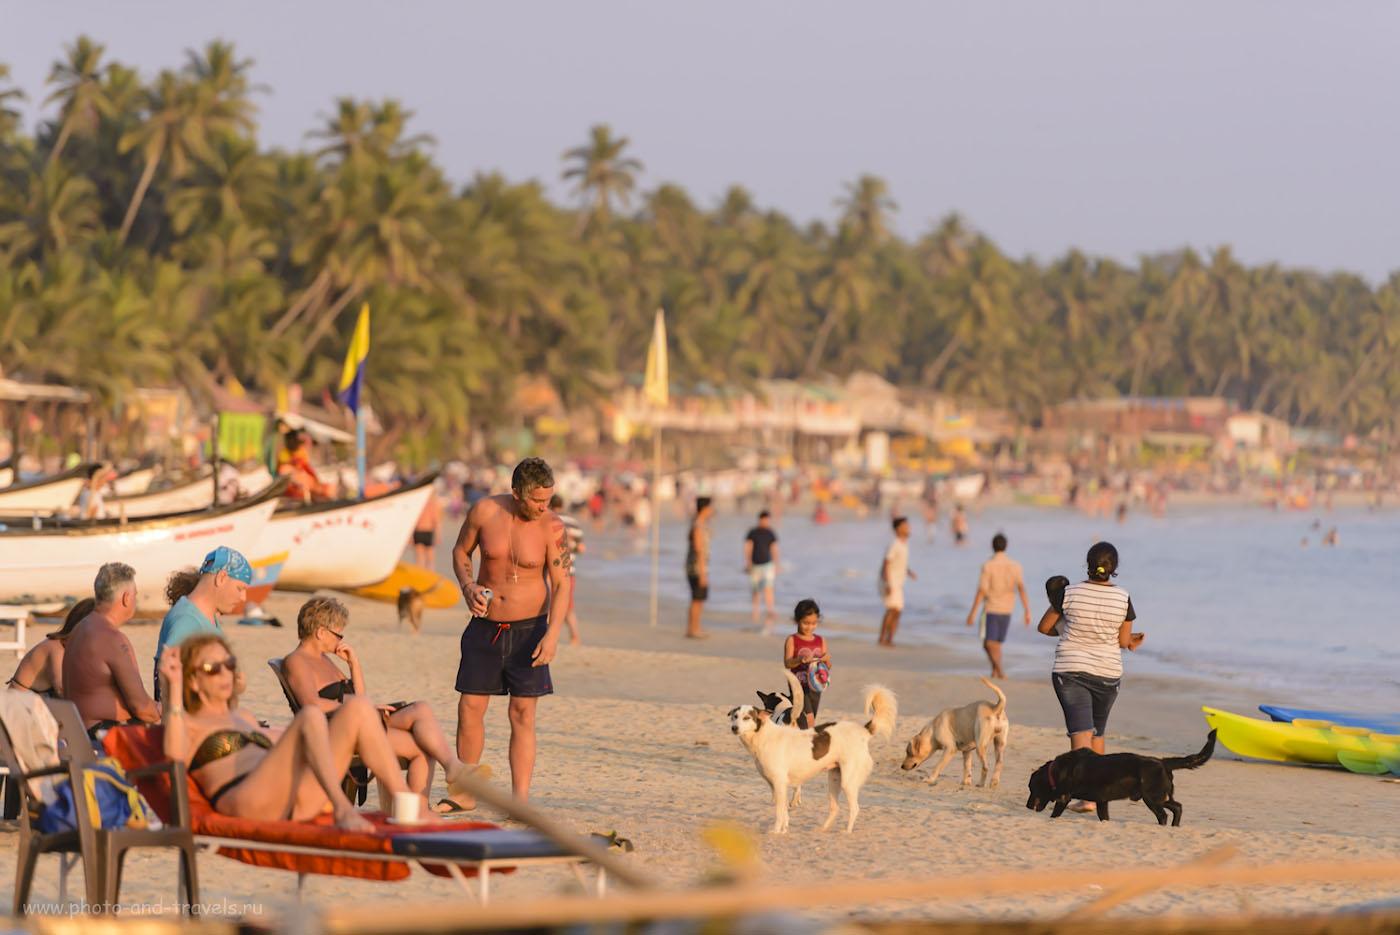 Снимок 35. Отдых на Гоа удобен тем, что на пляж можно выйти прямо из своего бунгало на берегу. 1/1600, 2.8, 560, 200.